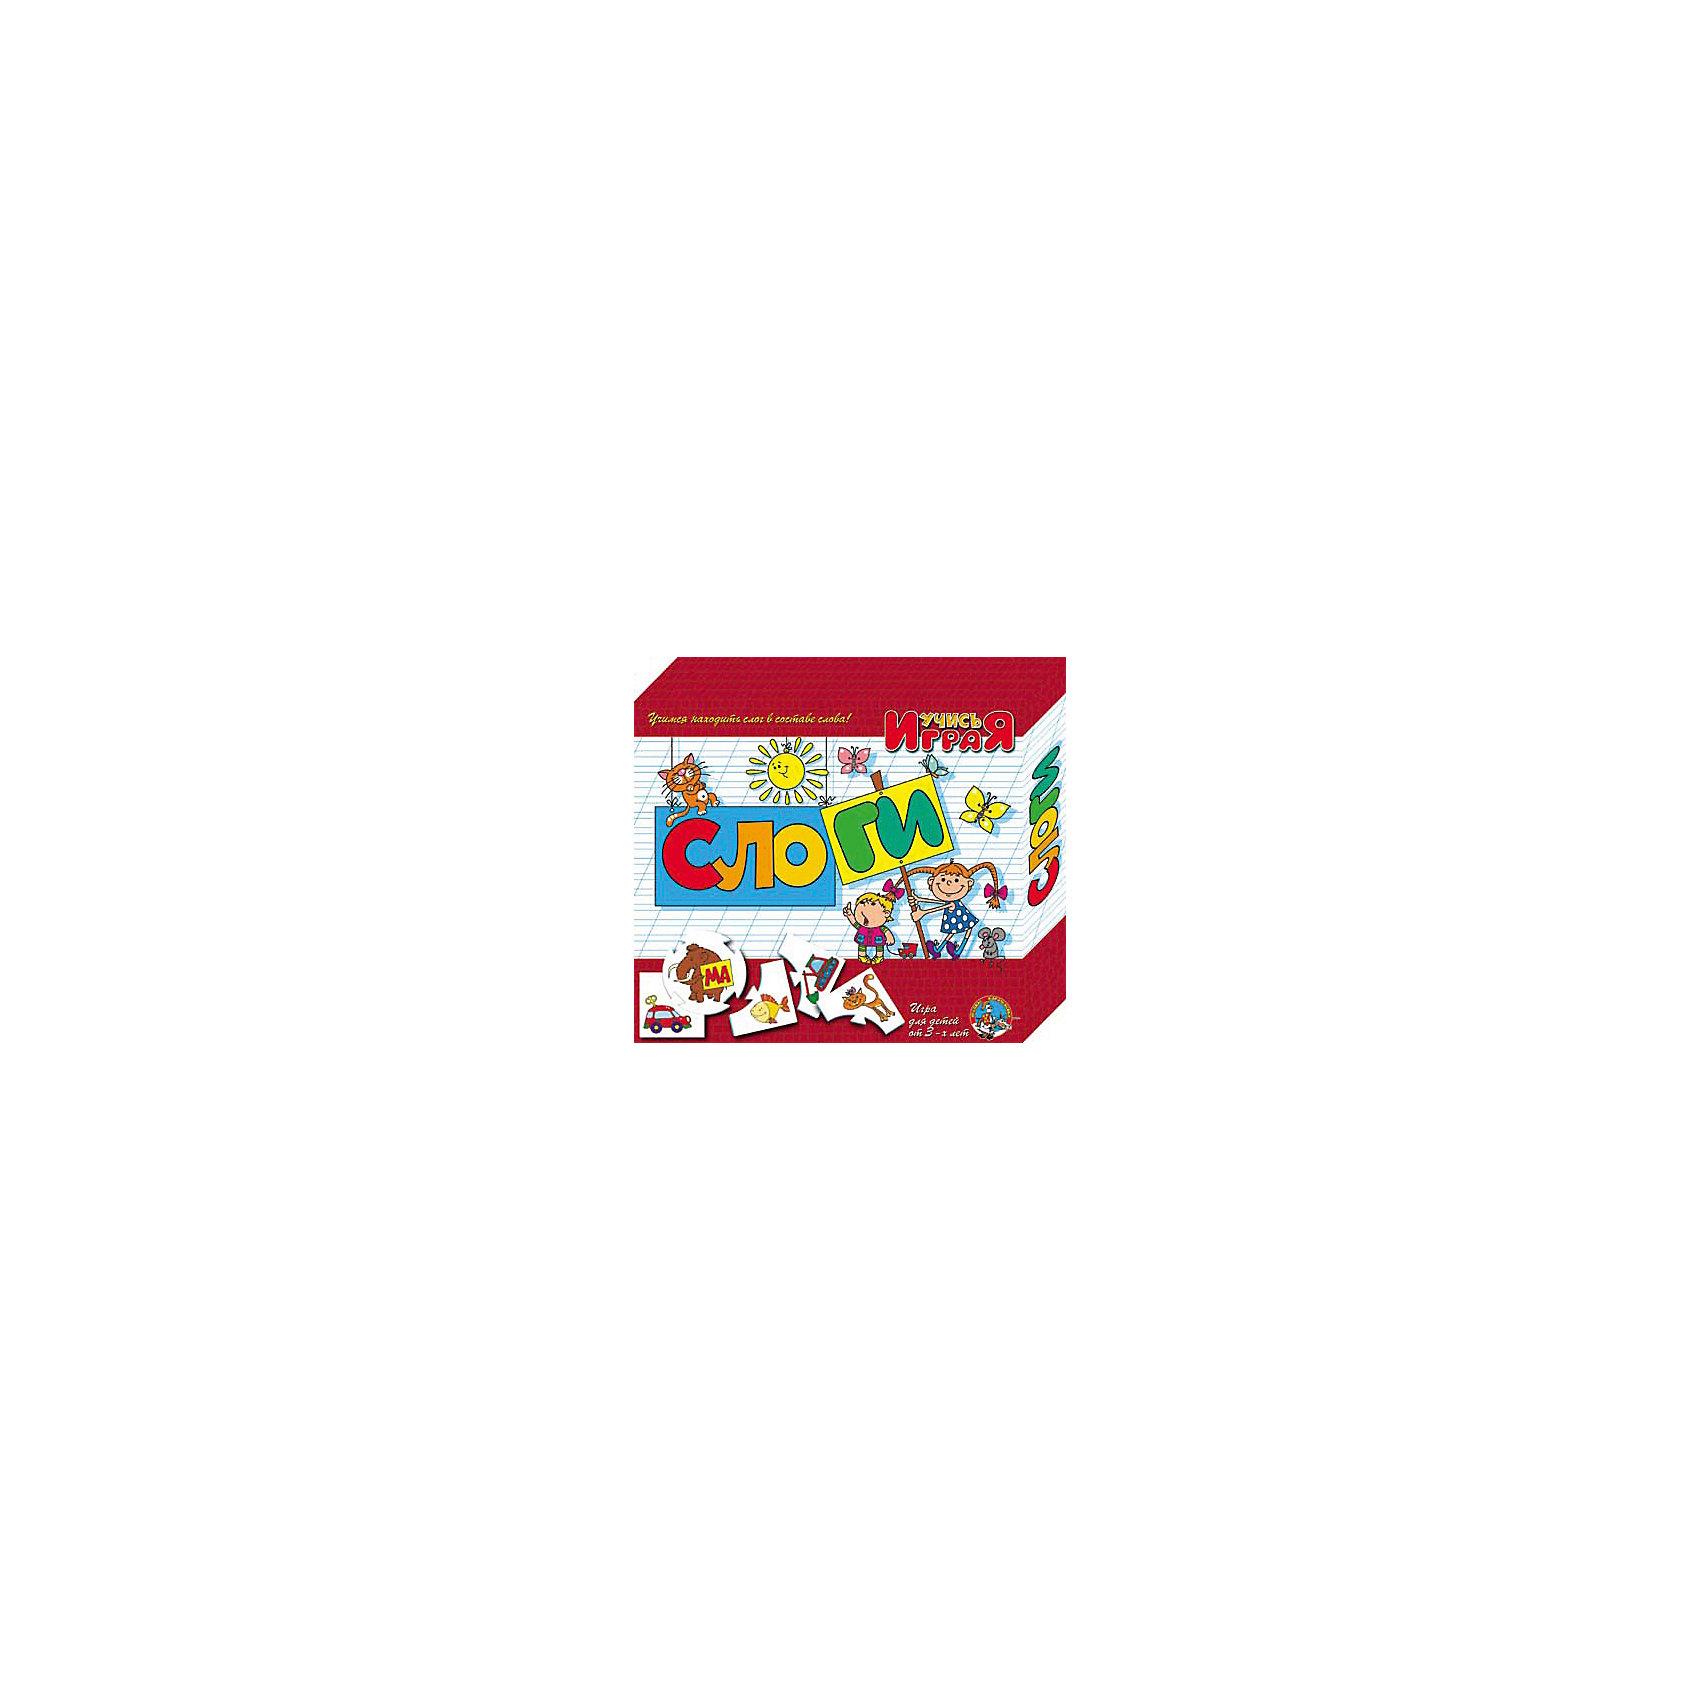 Игра обучающая Слоги, Десятое королевствоОбучающие карточки<br>Игра обучающая Слоги, Десятое королевство<br><br>Характеристики:<br><br>• Возраст: от 3 лет<br>• Количество игроков: от 1 до 10<br>• В комплекте: 10 карточек заданий, 4 карточки с ответами<br><br>В этой увлекательной обучающей игре могут участвовать одновременно от 1 до 10 детей! В наборе содержатся 10 карточек-заданий, на которых изображены рисунки. К каждой необходимо найти 4 карточки-ответа, чтобы дополнить их содержание. В процессе игры дети работают над мелкой моторикой и расширяют свои знания и представления об окружающем мире.<br><br>Игра обучающая Слоги, Десятое королевство можно купить в нашем интернет-магазине.<br><br>Ширина мм: 230<br>Глубина мм: 200<br>Высота мм: 35<br>Вес г: 240<br>Возраст от месяцев: 84<br>Возраст до месяцев: 2147483647<br>Пол: Унисекс<br>Возраст: Детский<br>SKU: 5471693